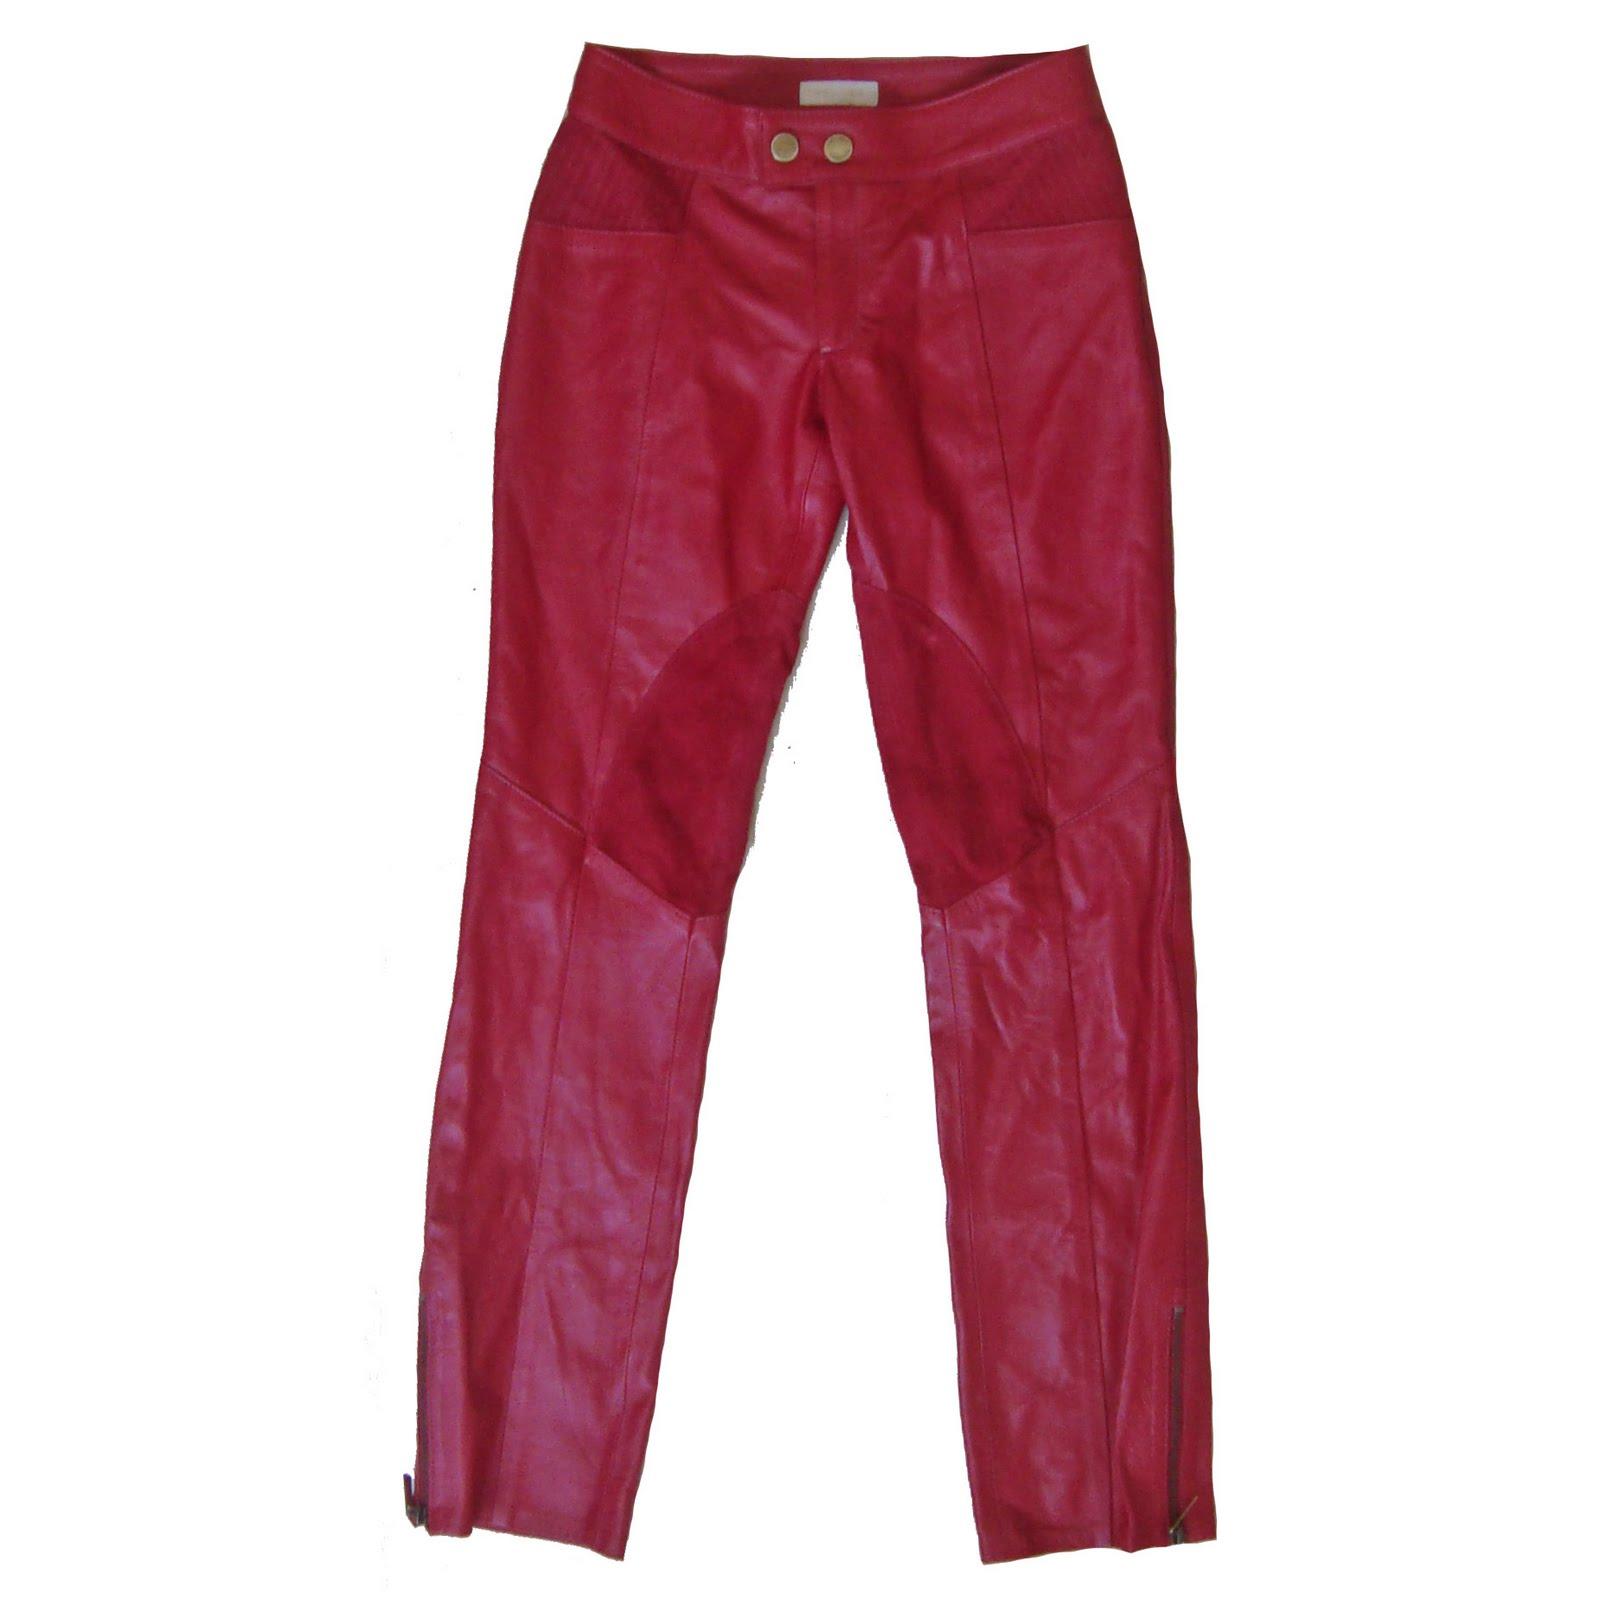 http://2.bp.blogspot.com/-Wa-g_Bh1kJE/TcCvdqIeRwI/AAAAAAAAA6I/o0bMrVZhS2A/s1600/calca+couro+vermelha+thelure.jpg